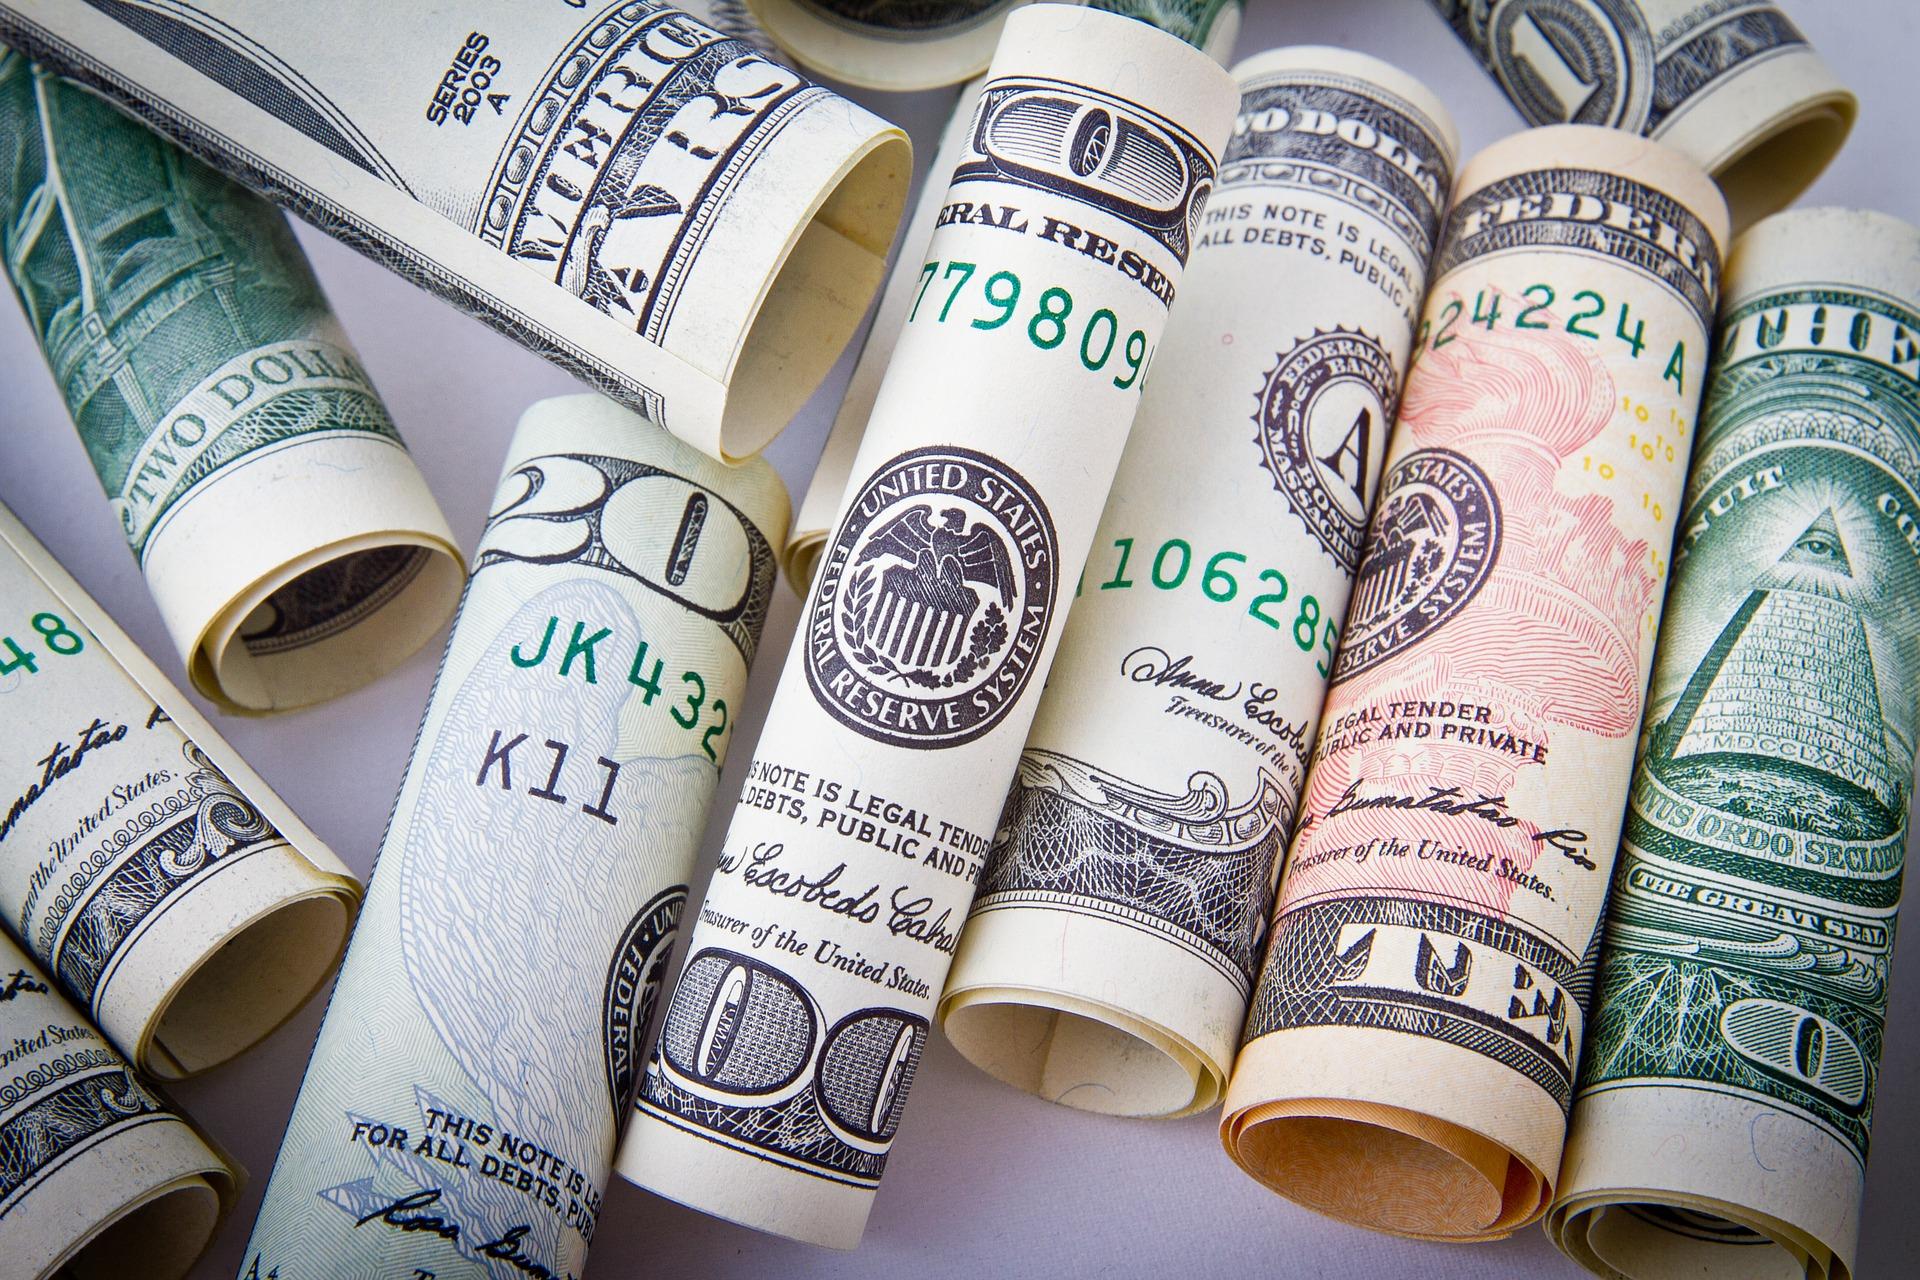 映画「億男」お金とは何か、お金の価値を考える